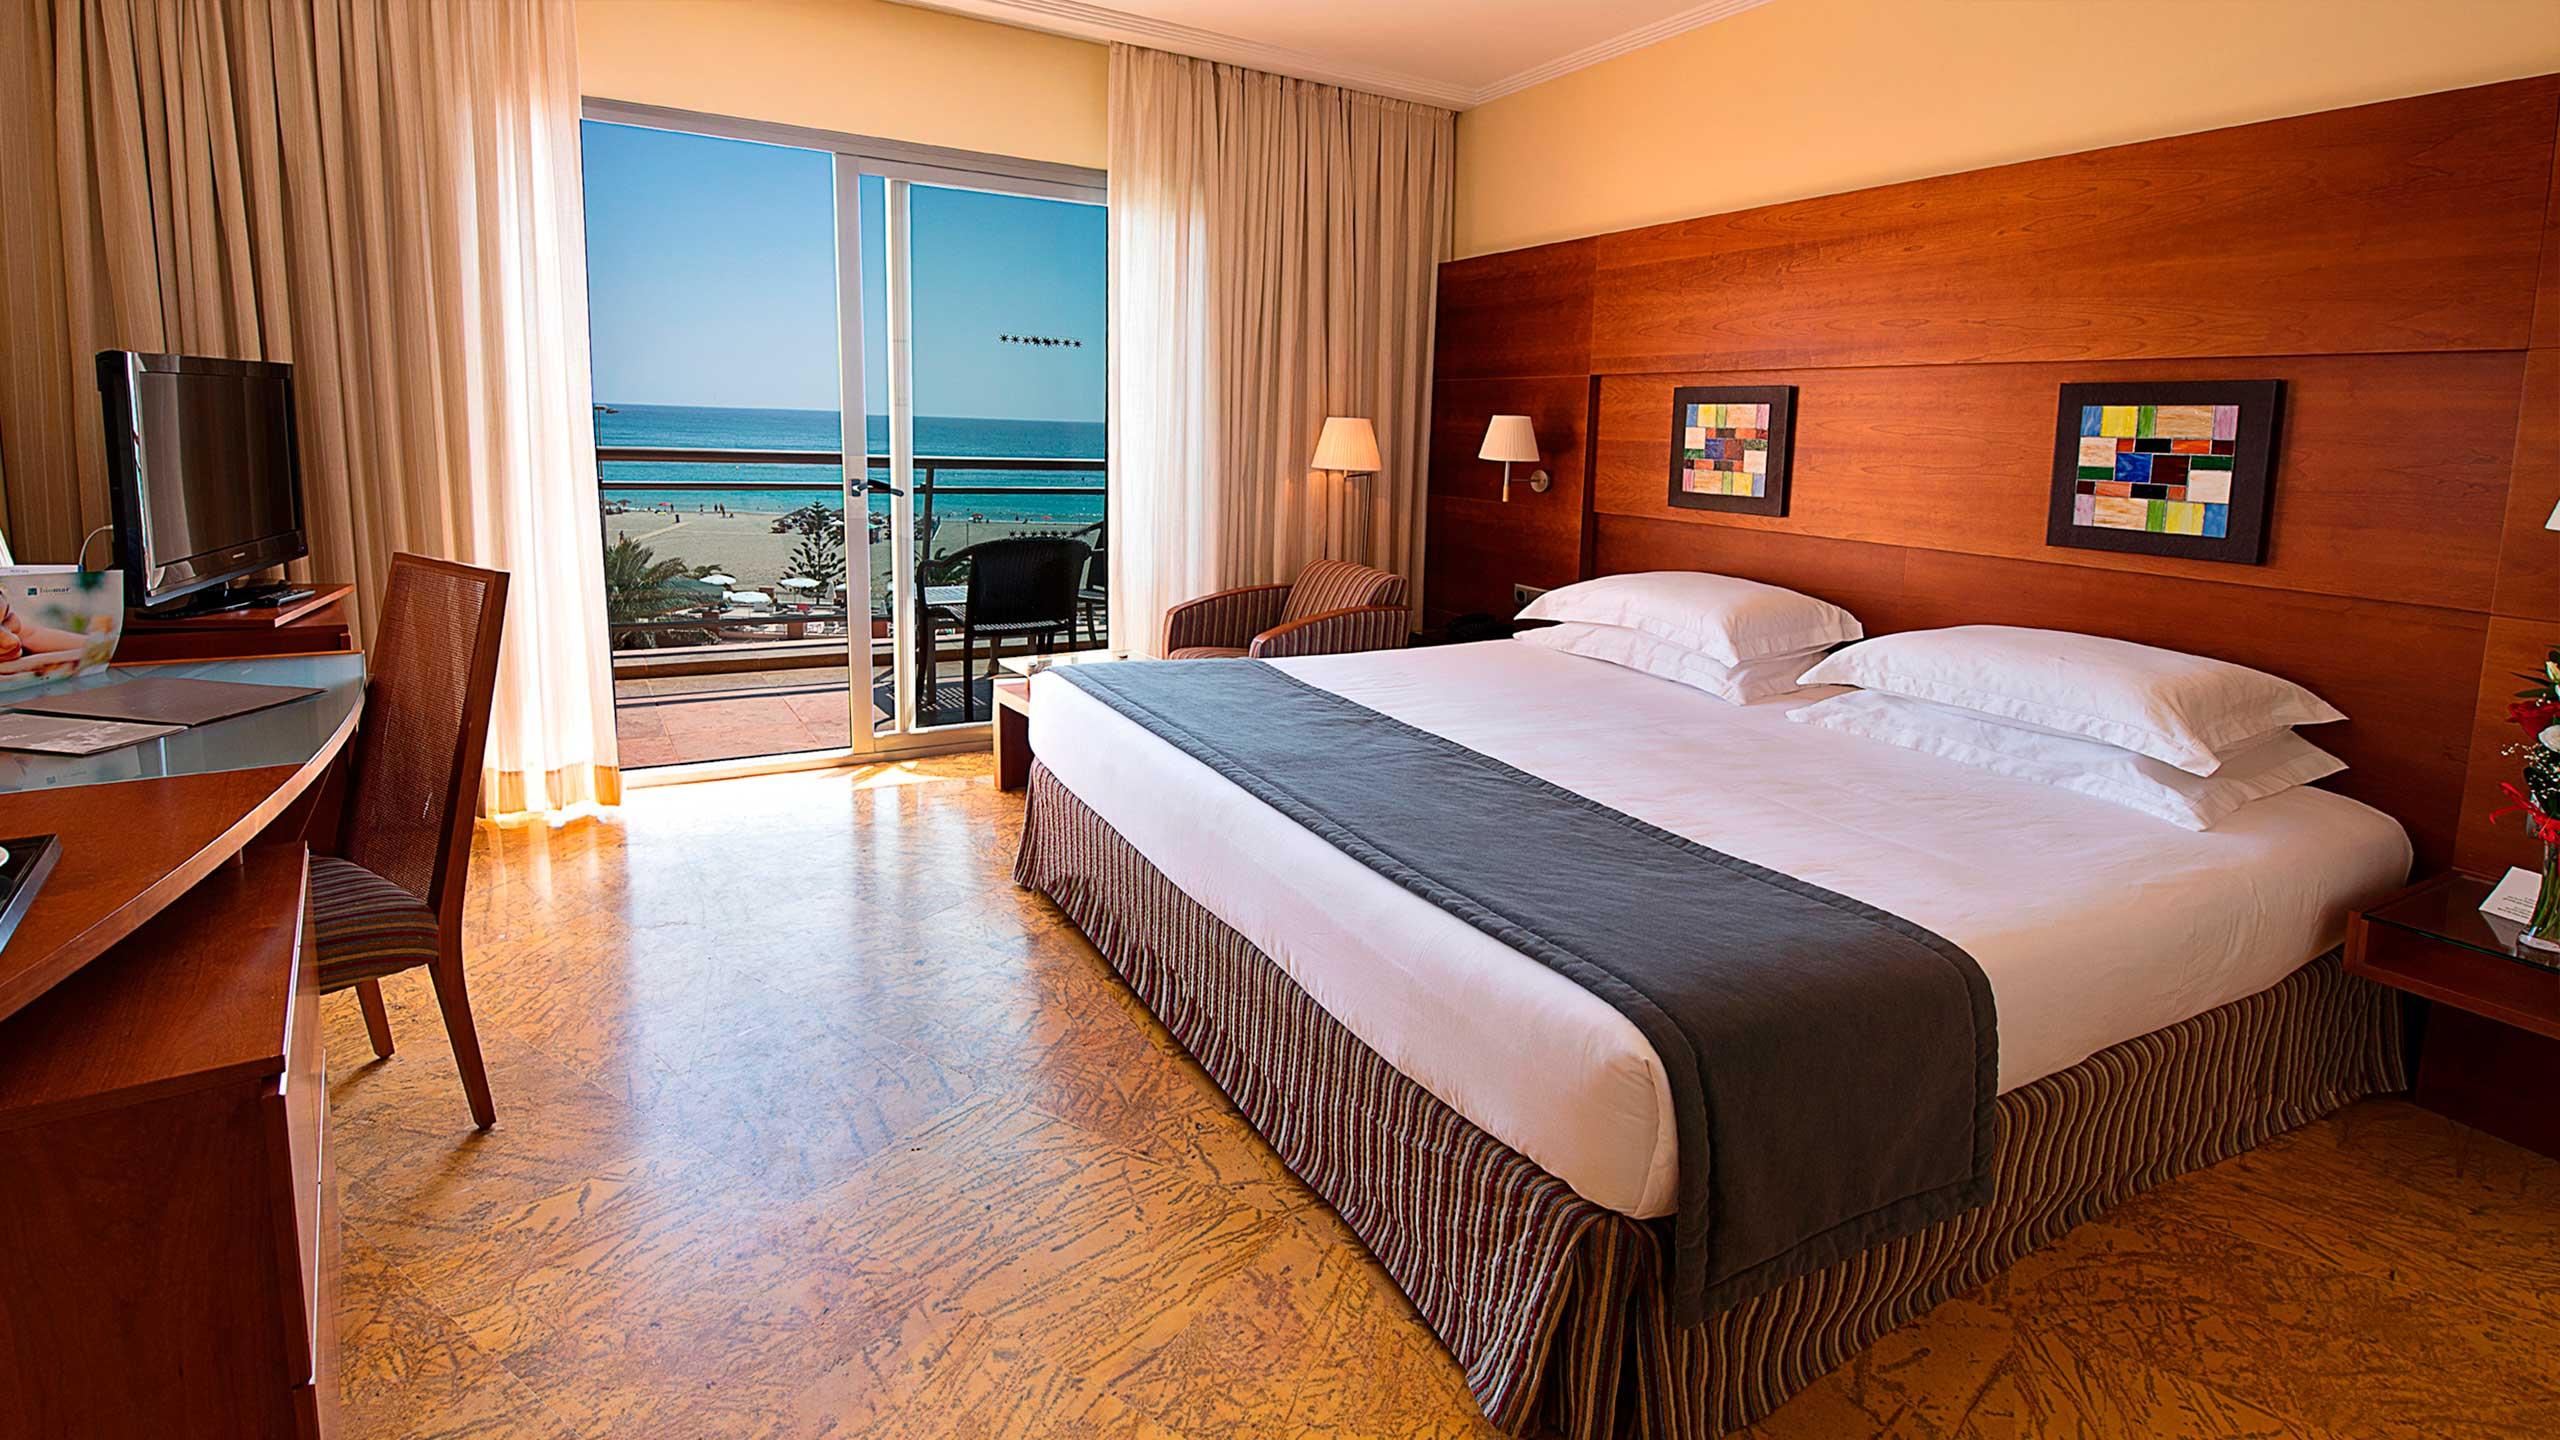 Protur roquetas hotel spa en roquetas de mar almer a for Casino salon